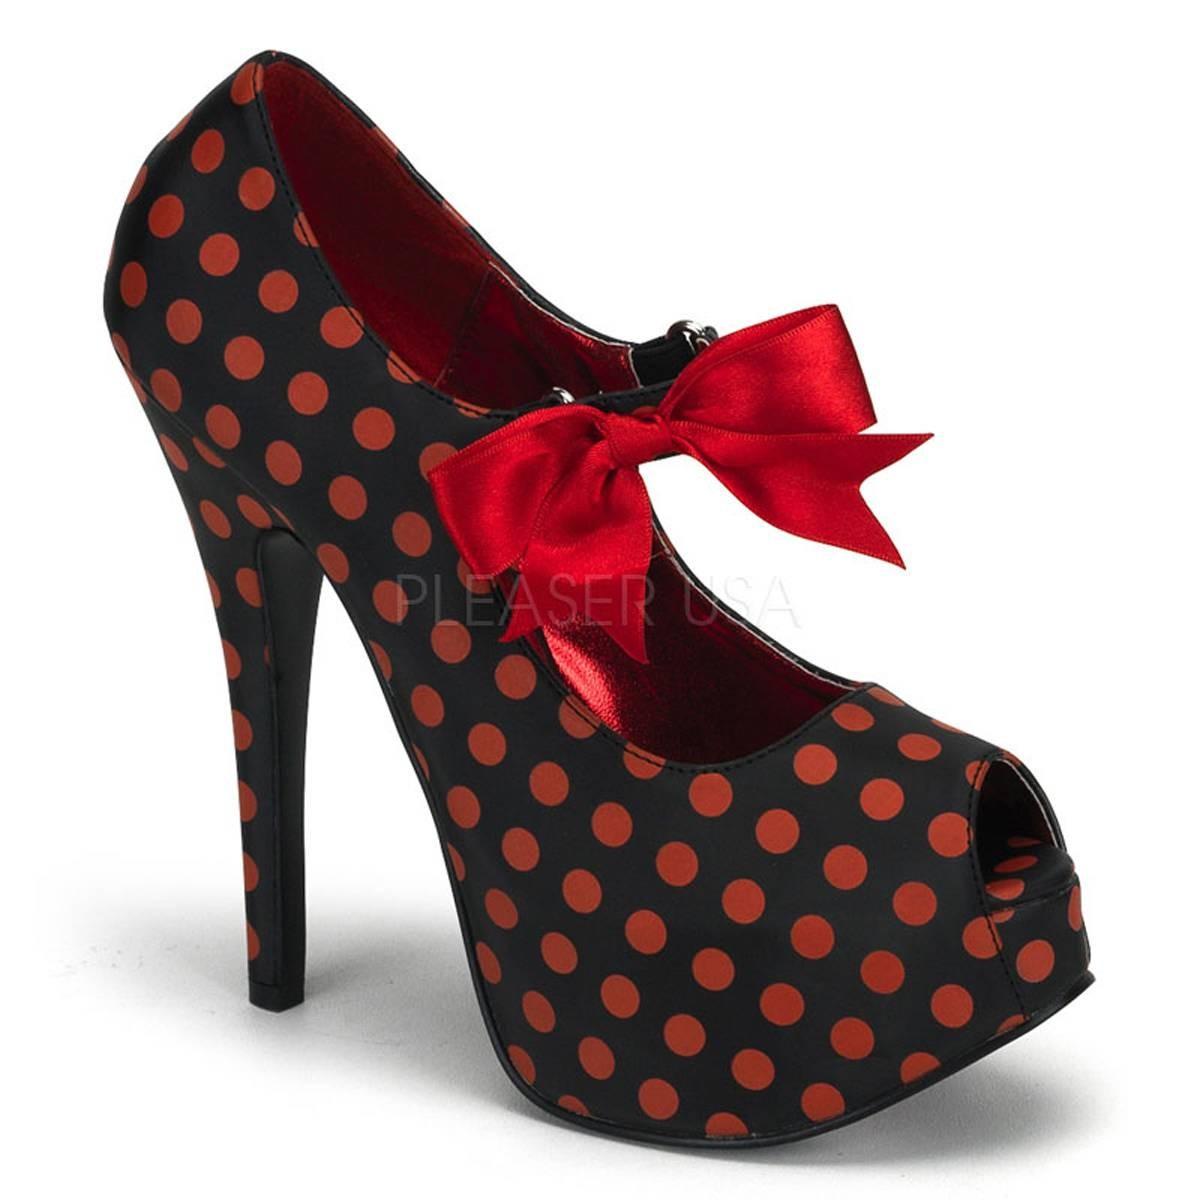 Highheels für Frauen - TEEZE 25 ° Damen Pumps ° Schwarz Rot Matt ° Bordello  - Onlineshop RedSixty